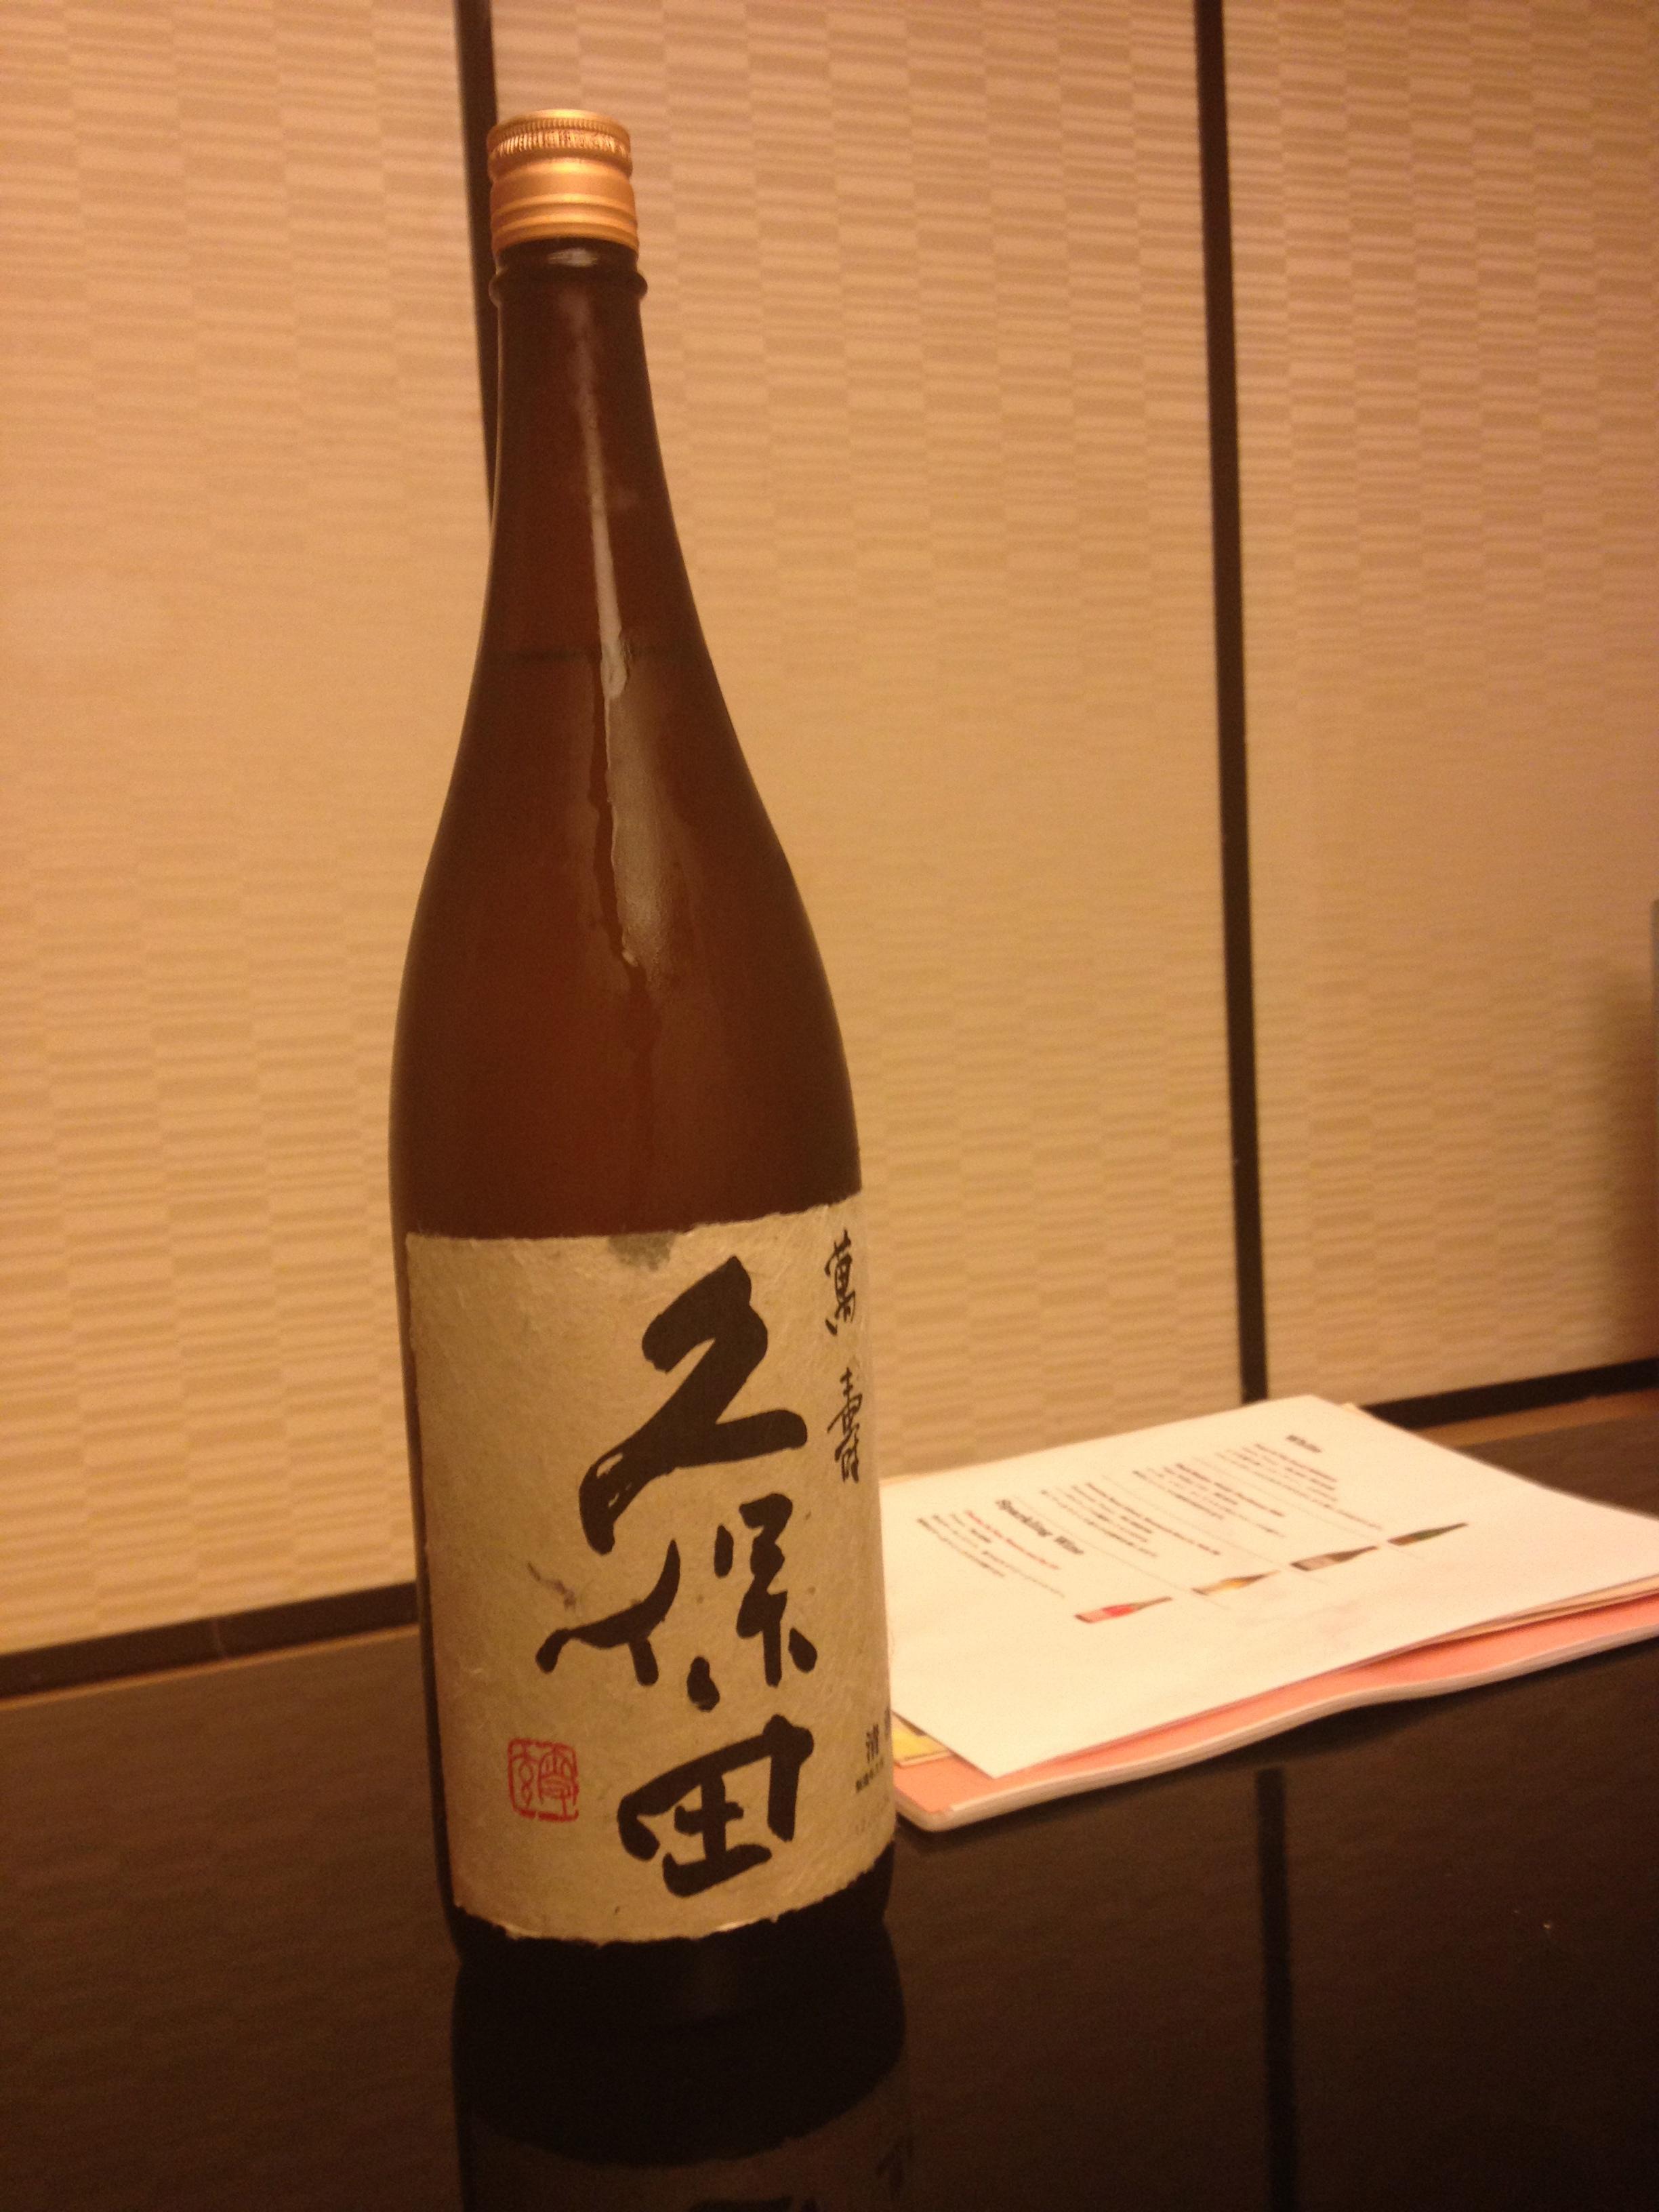 A magnum of Majyu Kubota sake